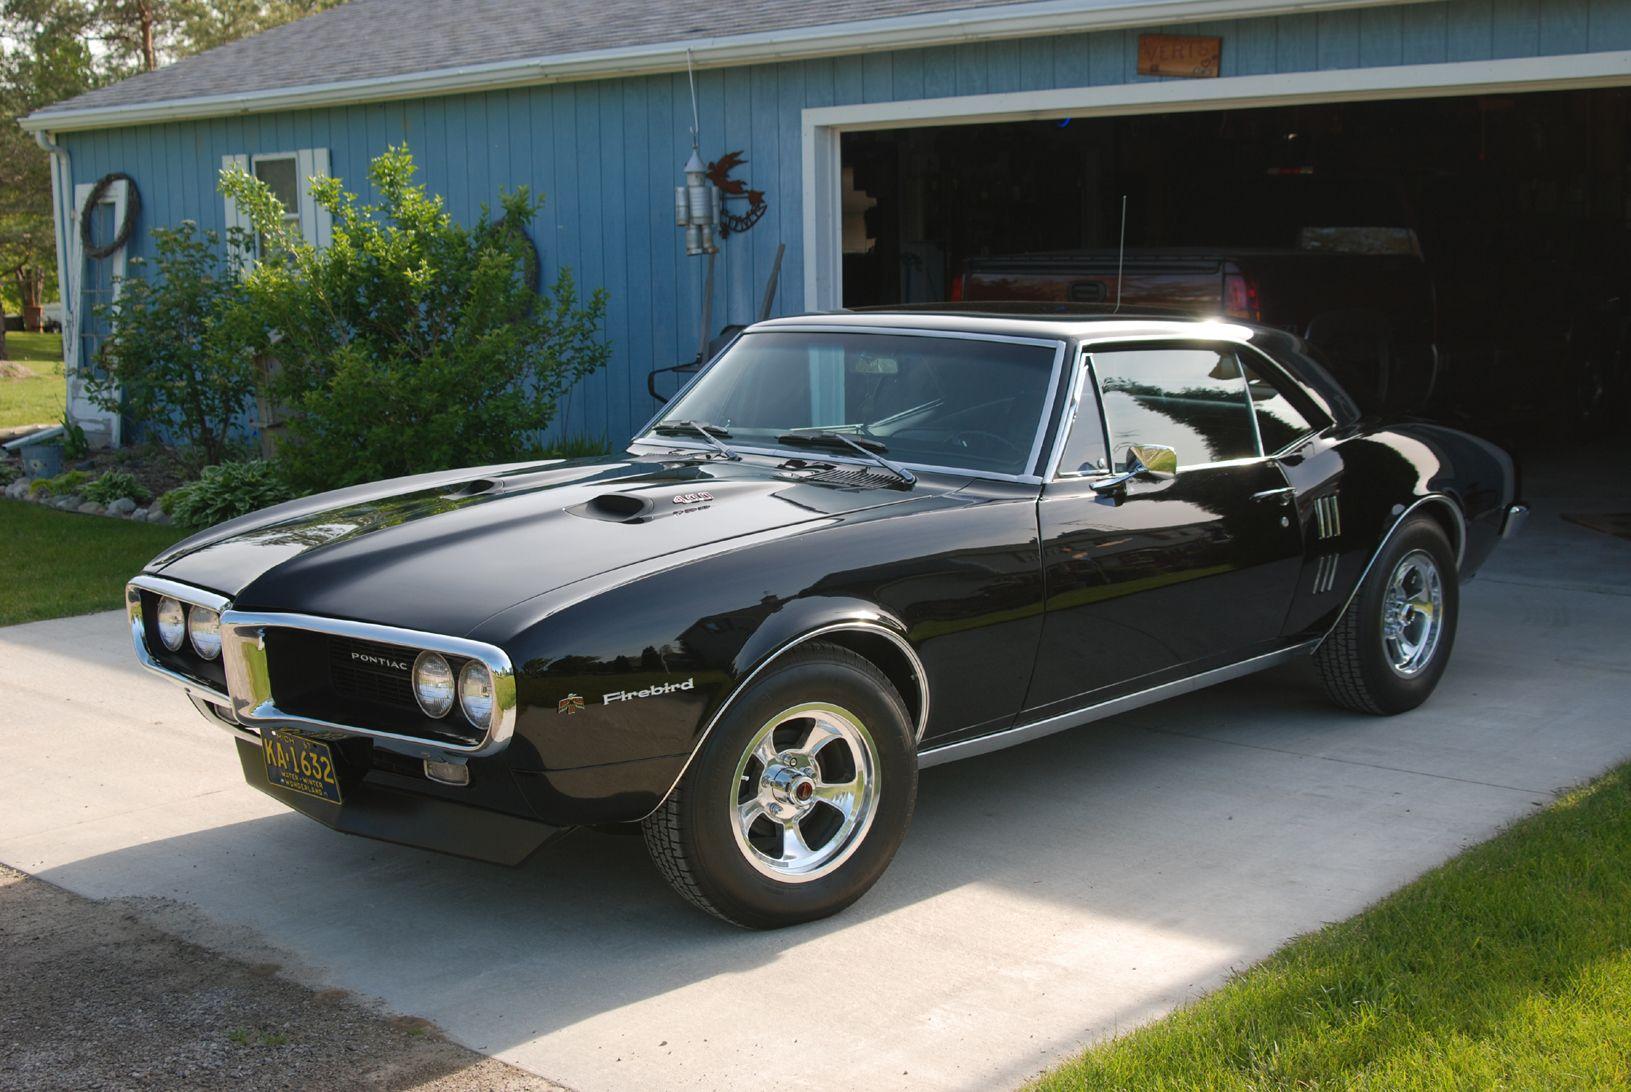 1967 Firebird 326 My Old Car I Miss It Pontiac Firebird Car Wheels Firebird